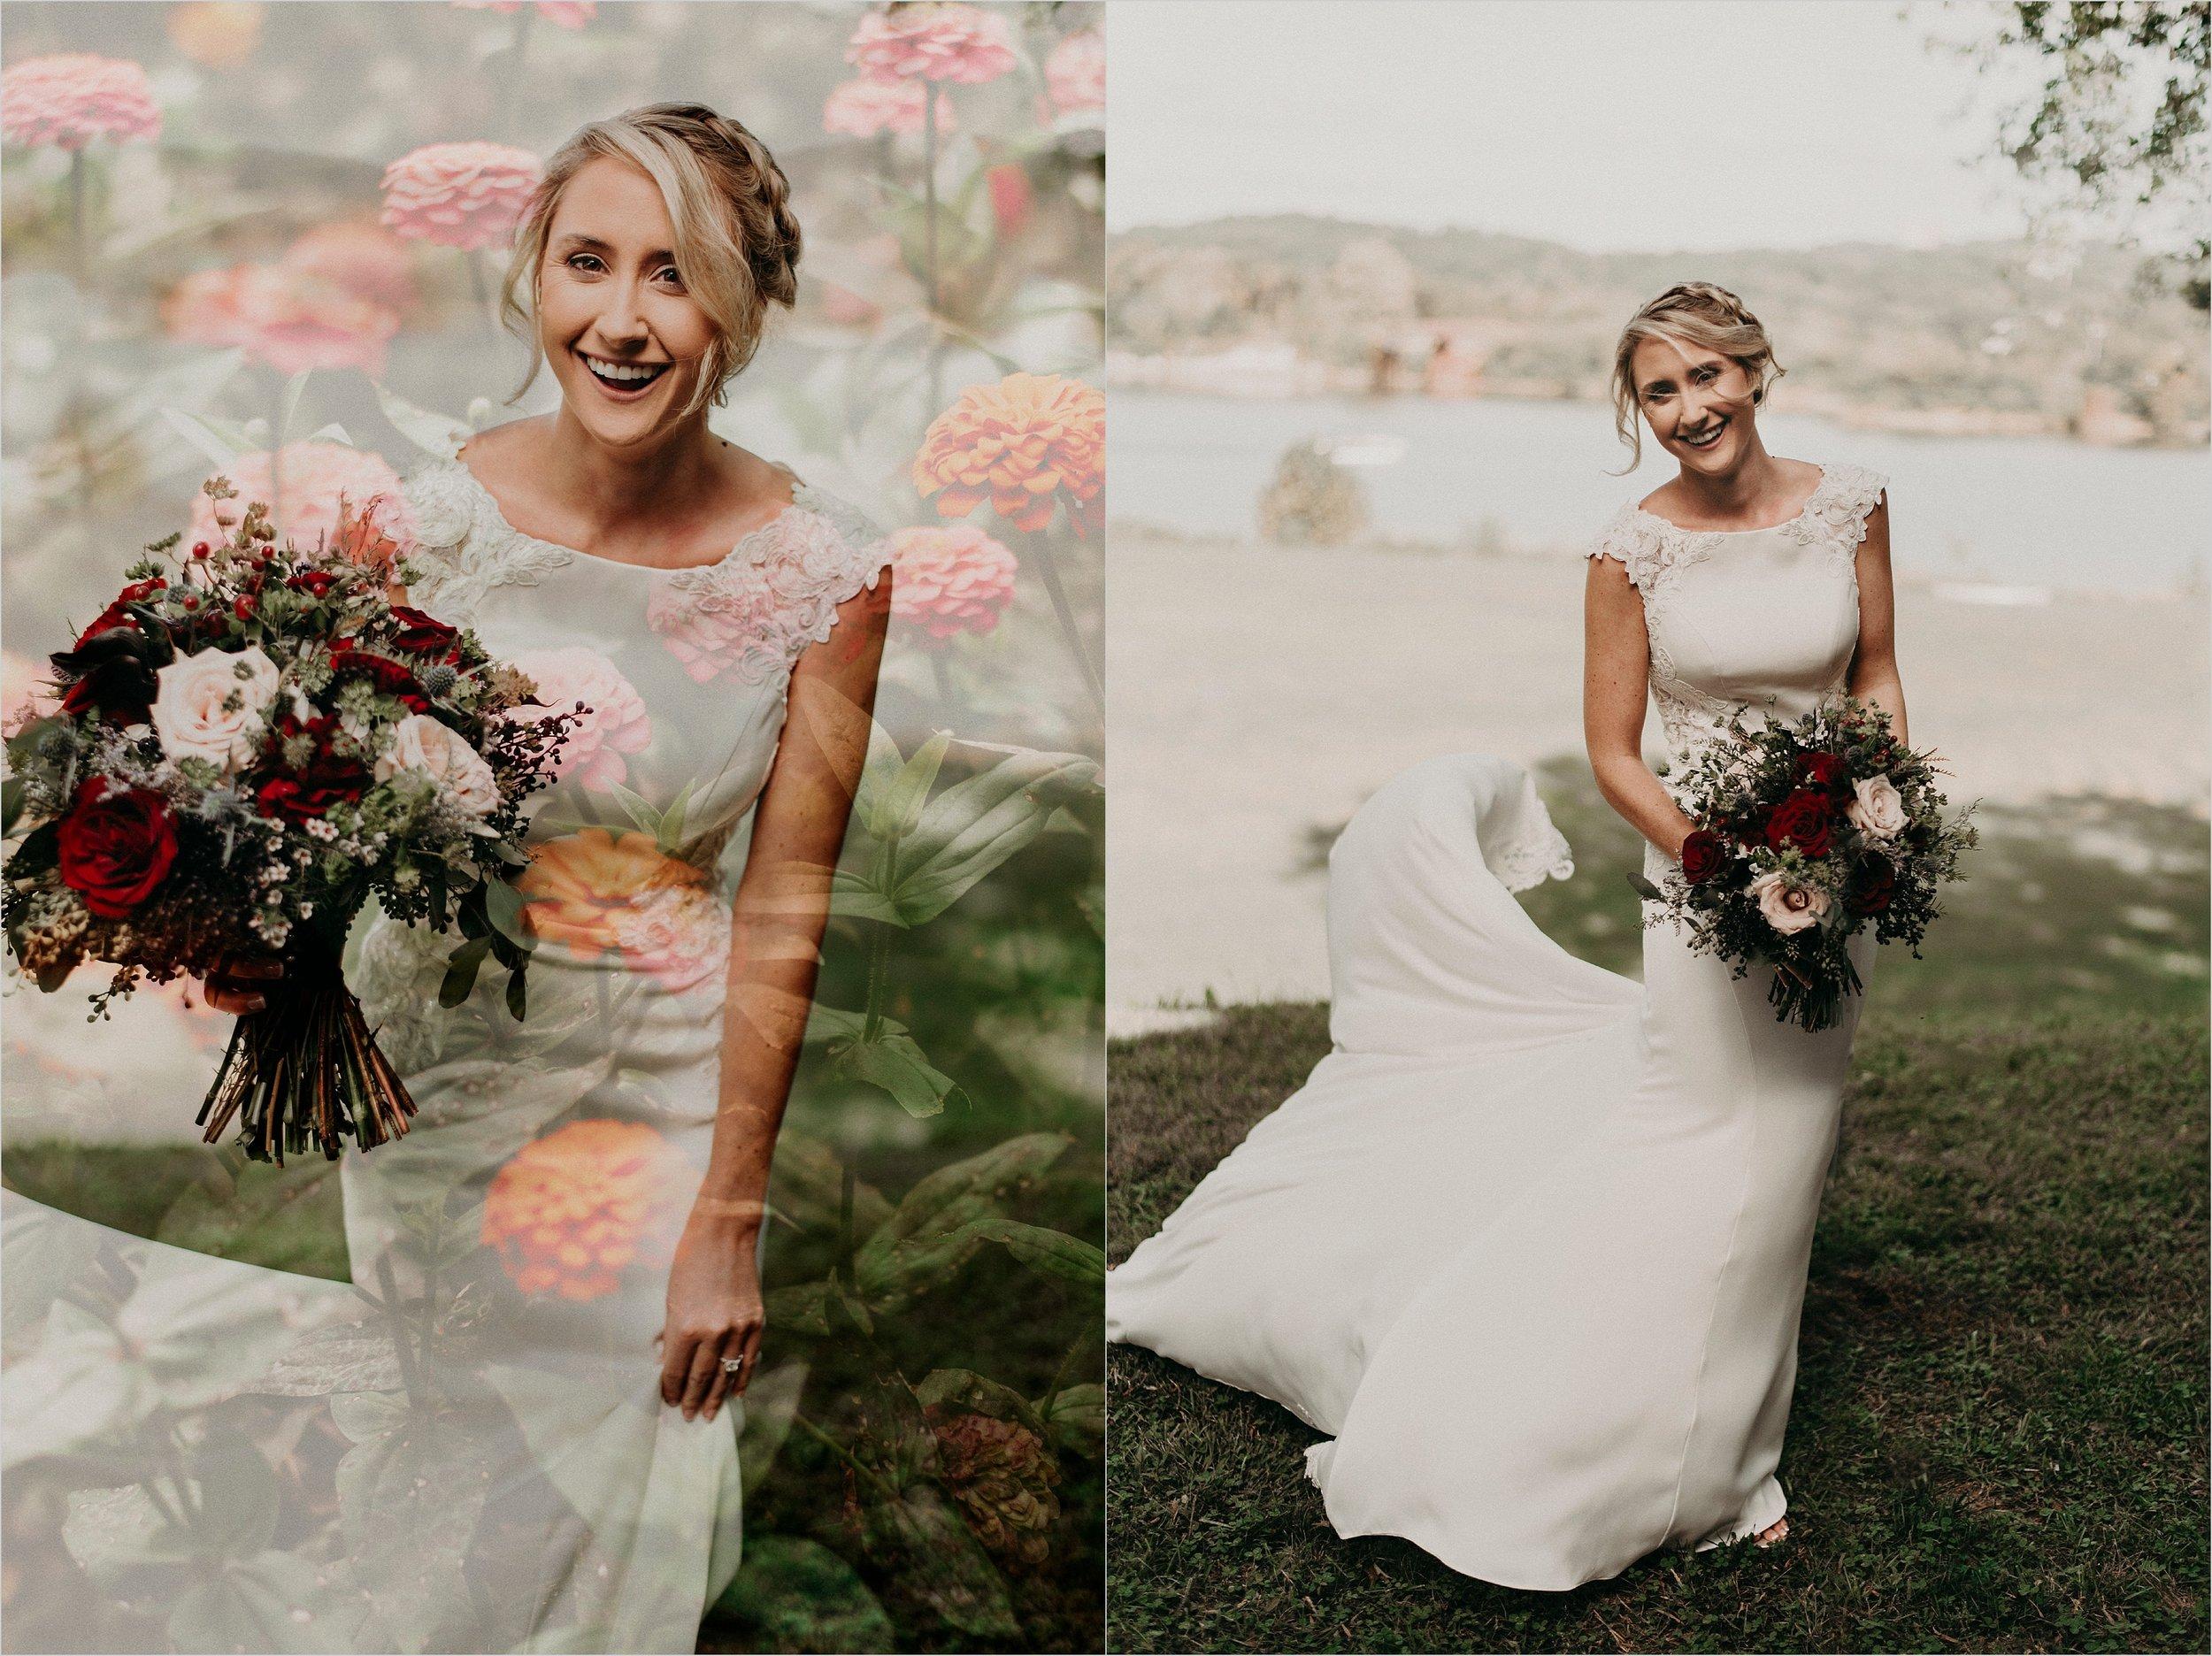 Bride's wedding gown billows in wind